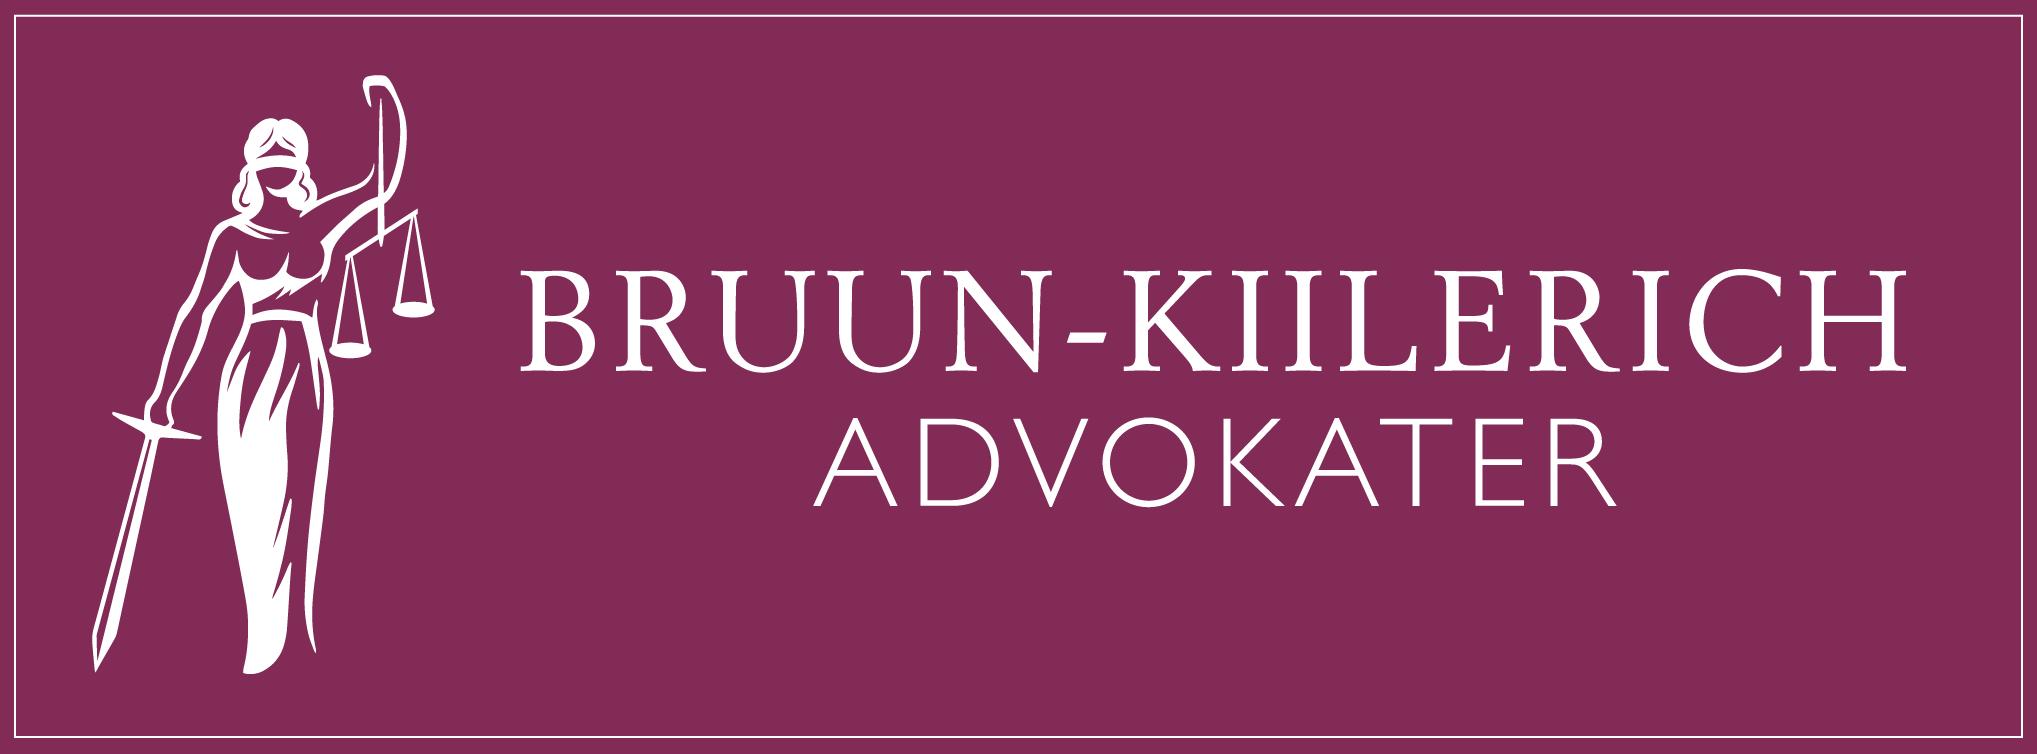 Bruun-Kiilerich Advokater